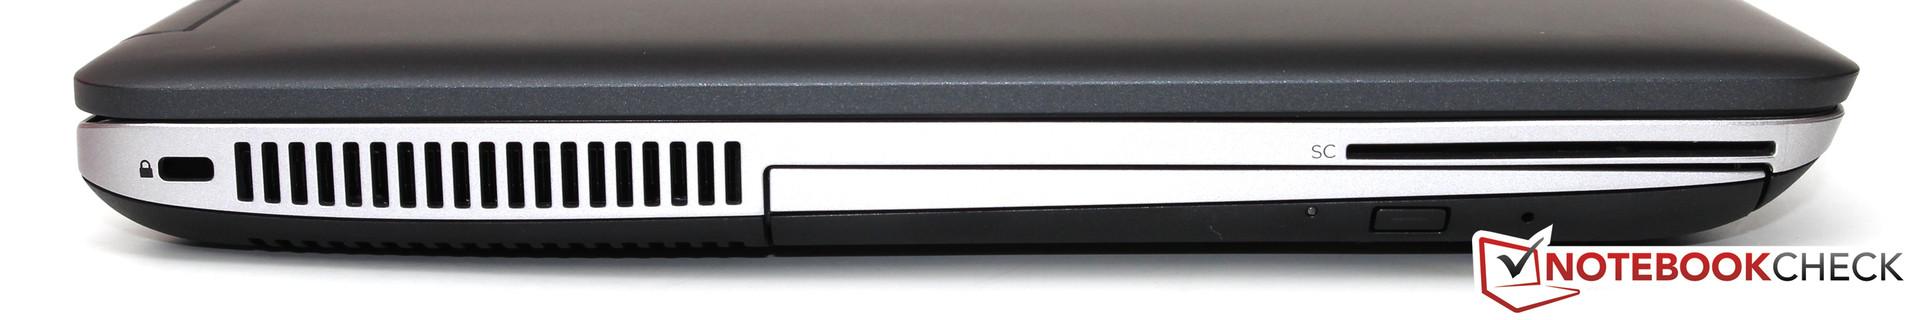 HP ProBook 640 Core i5 6th gen 14